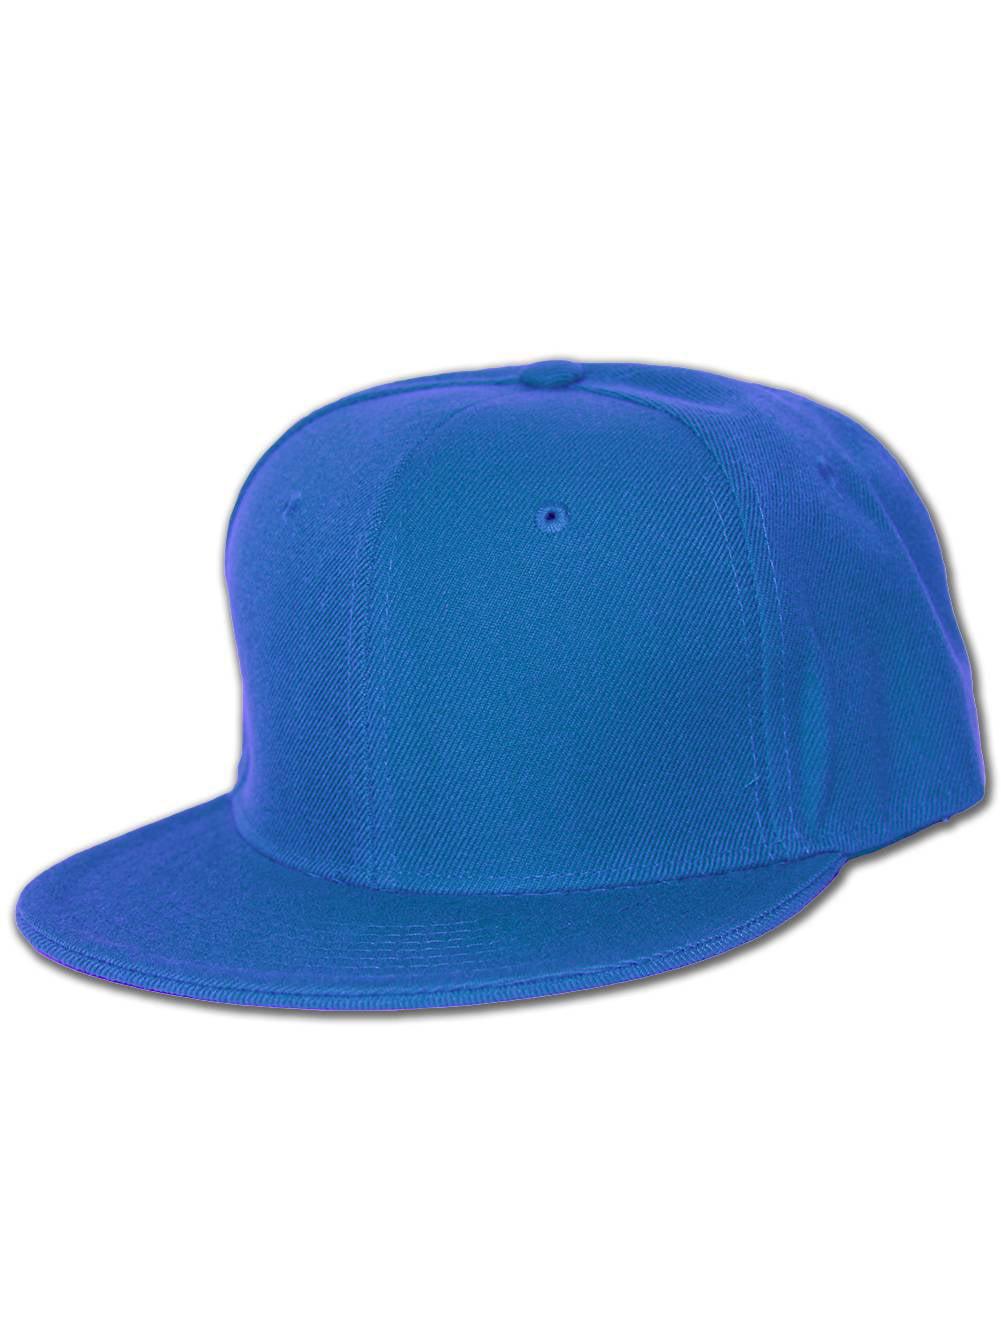 Plain Fitted Flat Bill Hat - Royal Blue 7 e0a1fdb5c8aa